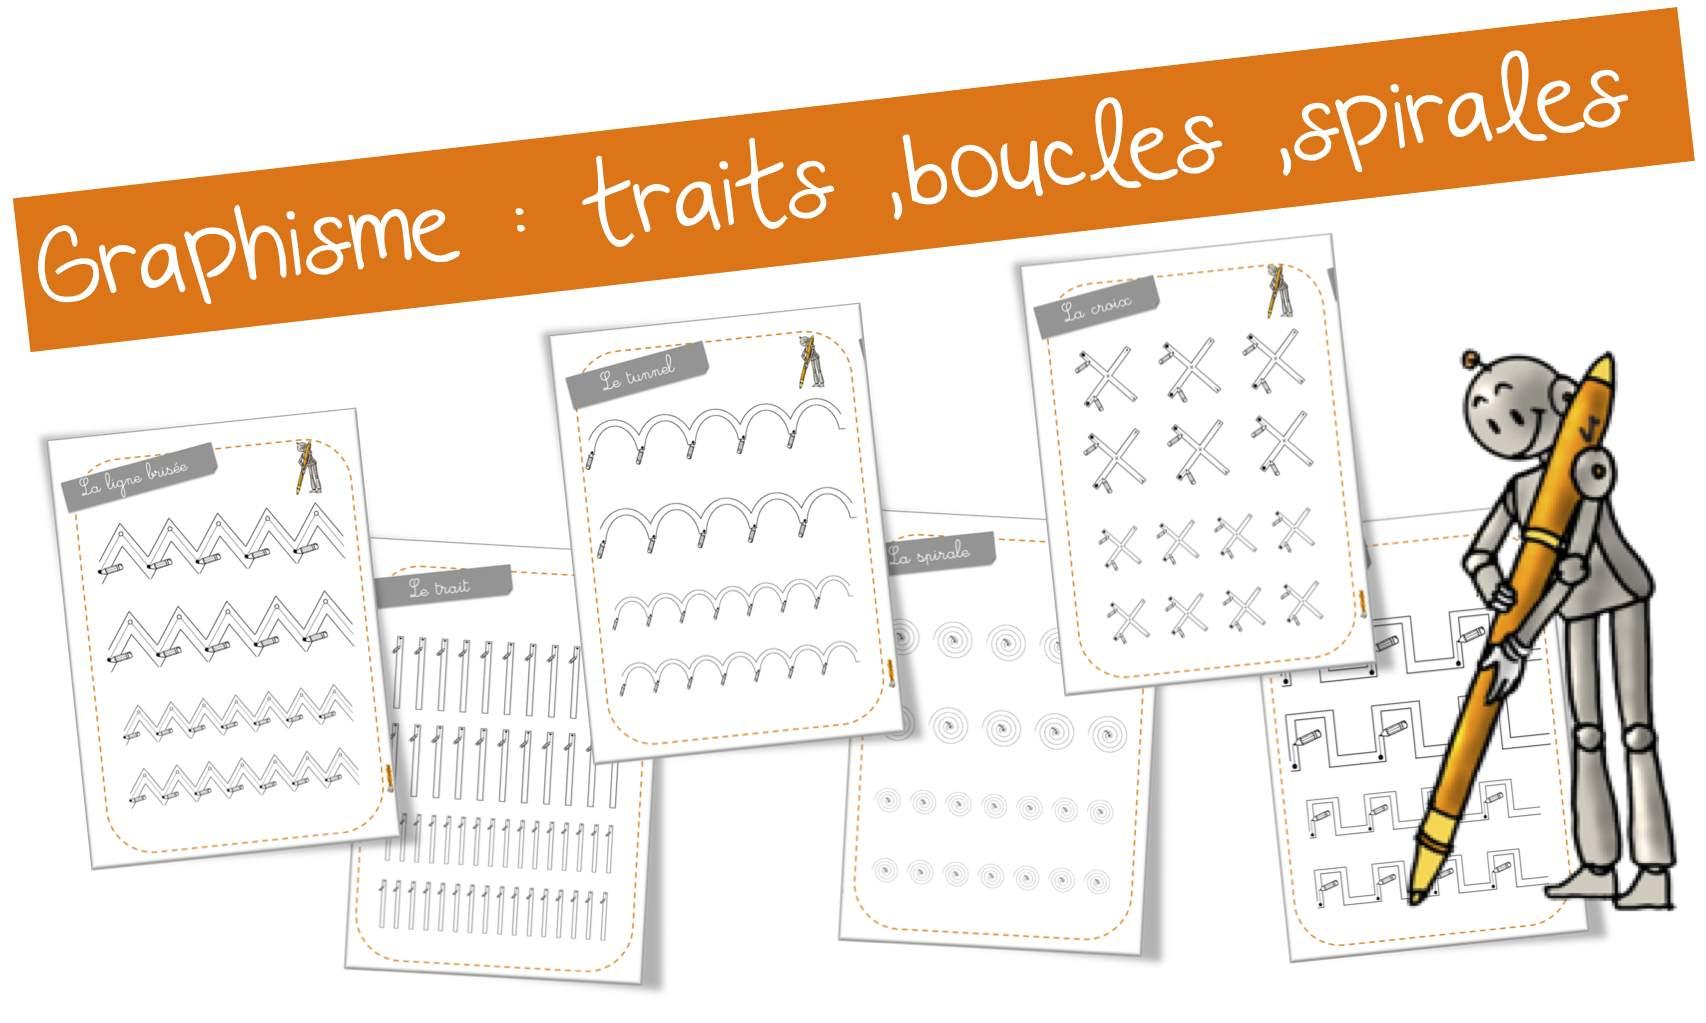 Graphisme : Les Traits , Boucles, Spirales , Ponts … | Bout destiné Graphisme Moyenne Section Les Ponts